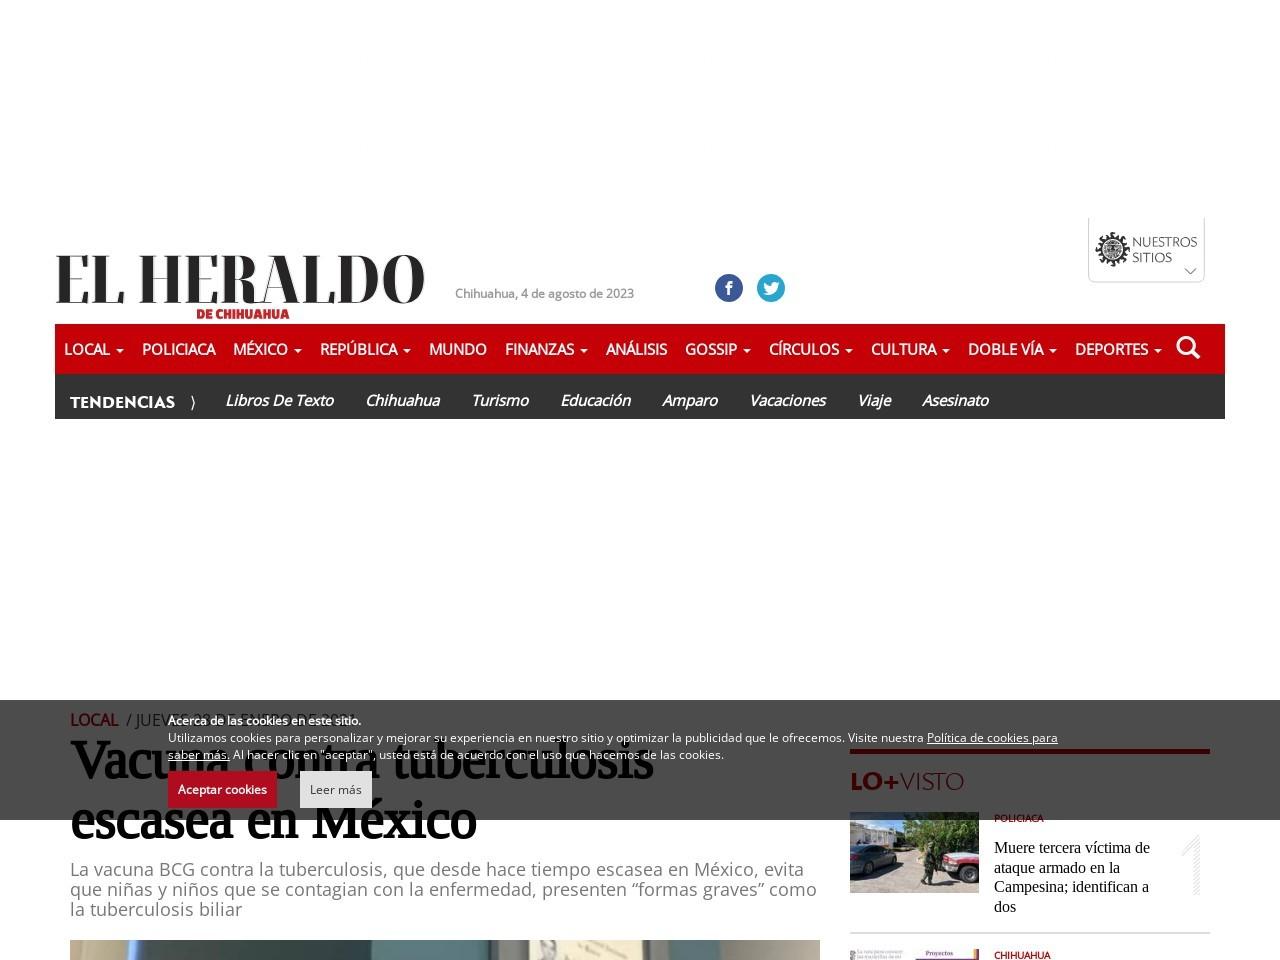 Vacuna contra tuberculosis escasea en México